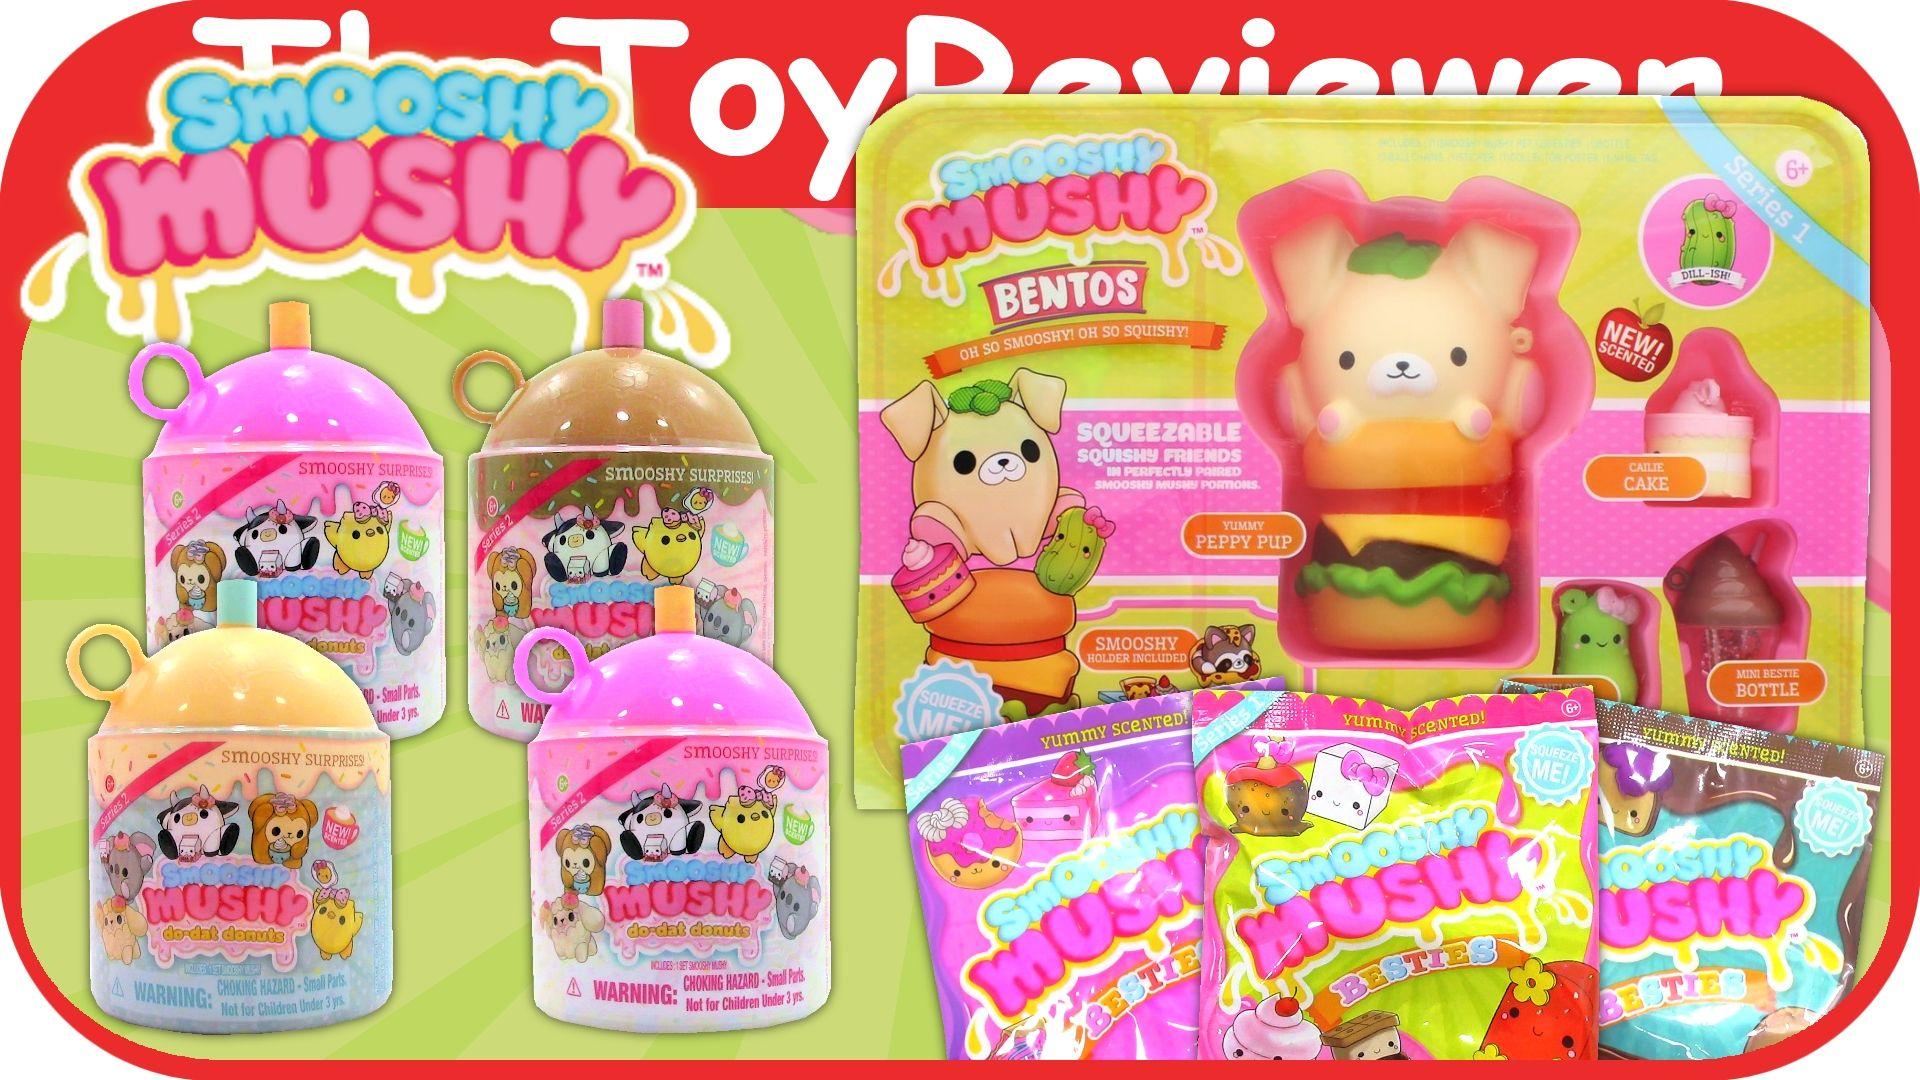 NEW Smooshy Mushy Do-Dat Donuts Surprise Pack Series 2